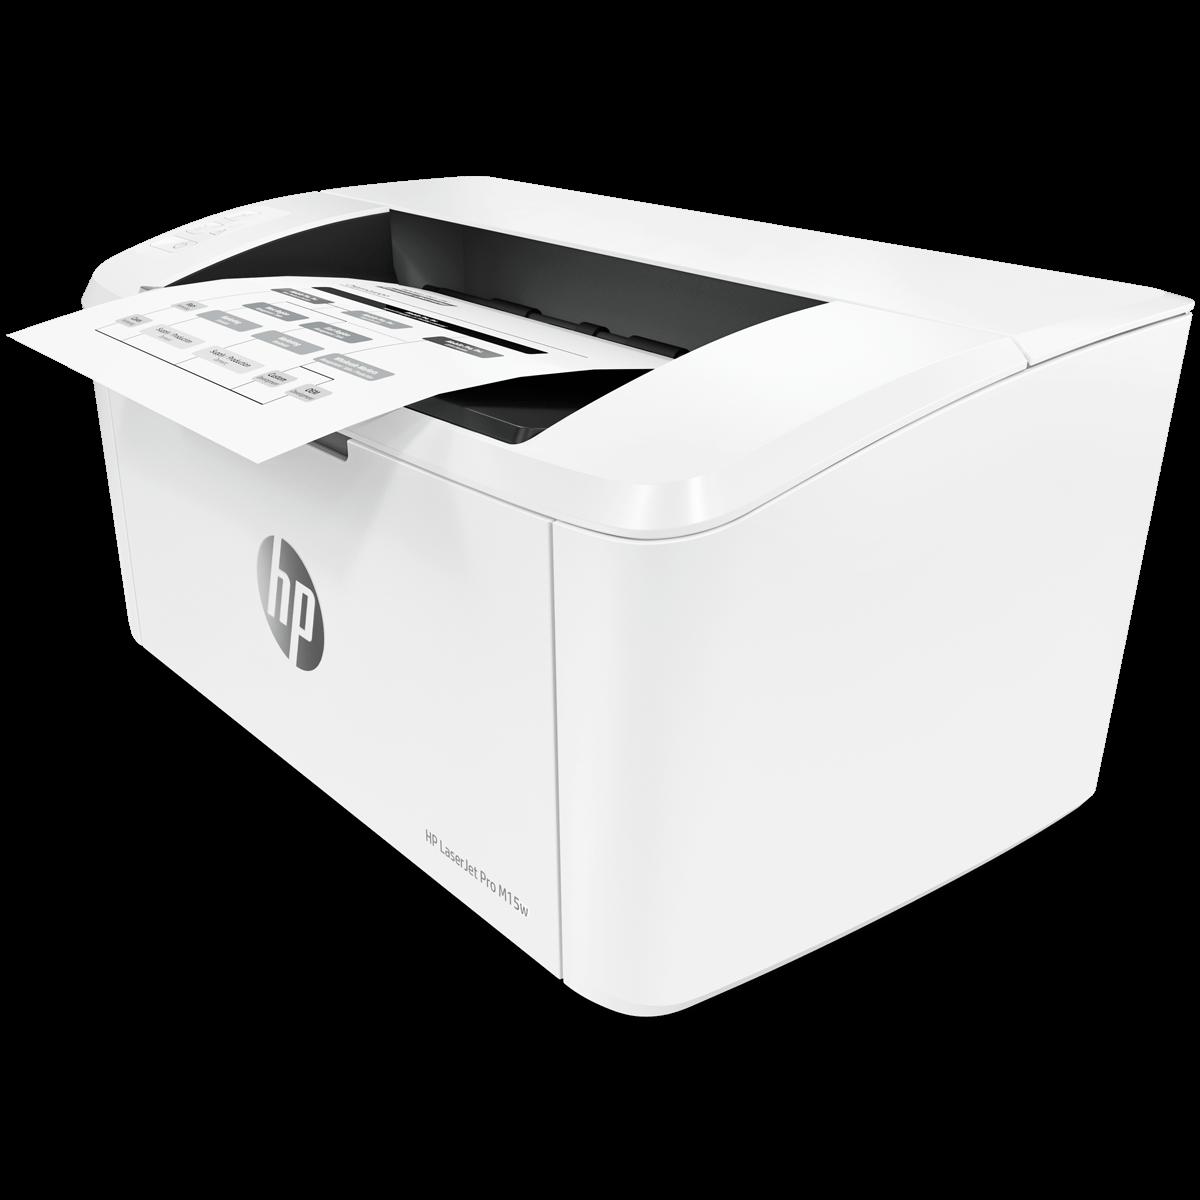 HP LaserJet Pro M15w打印機